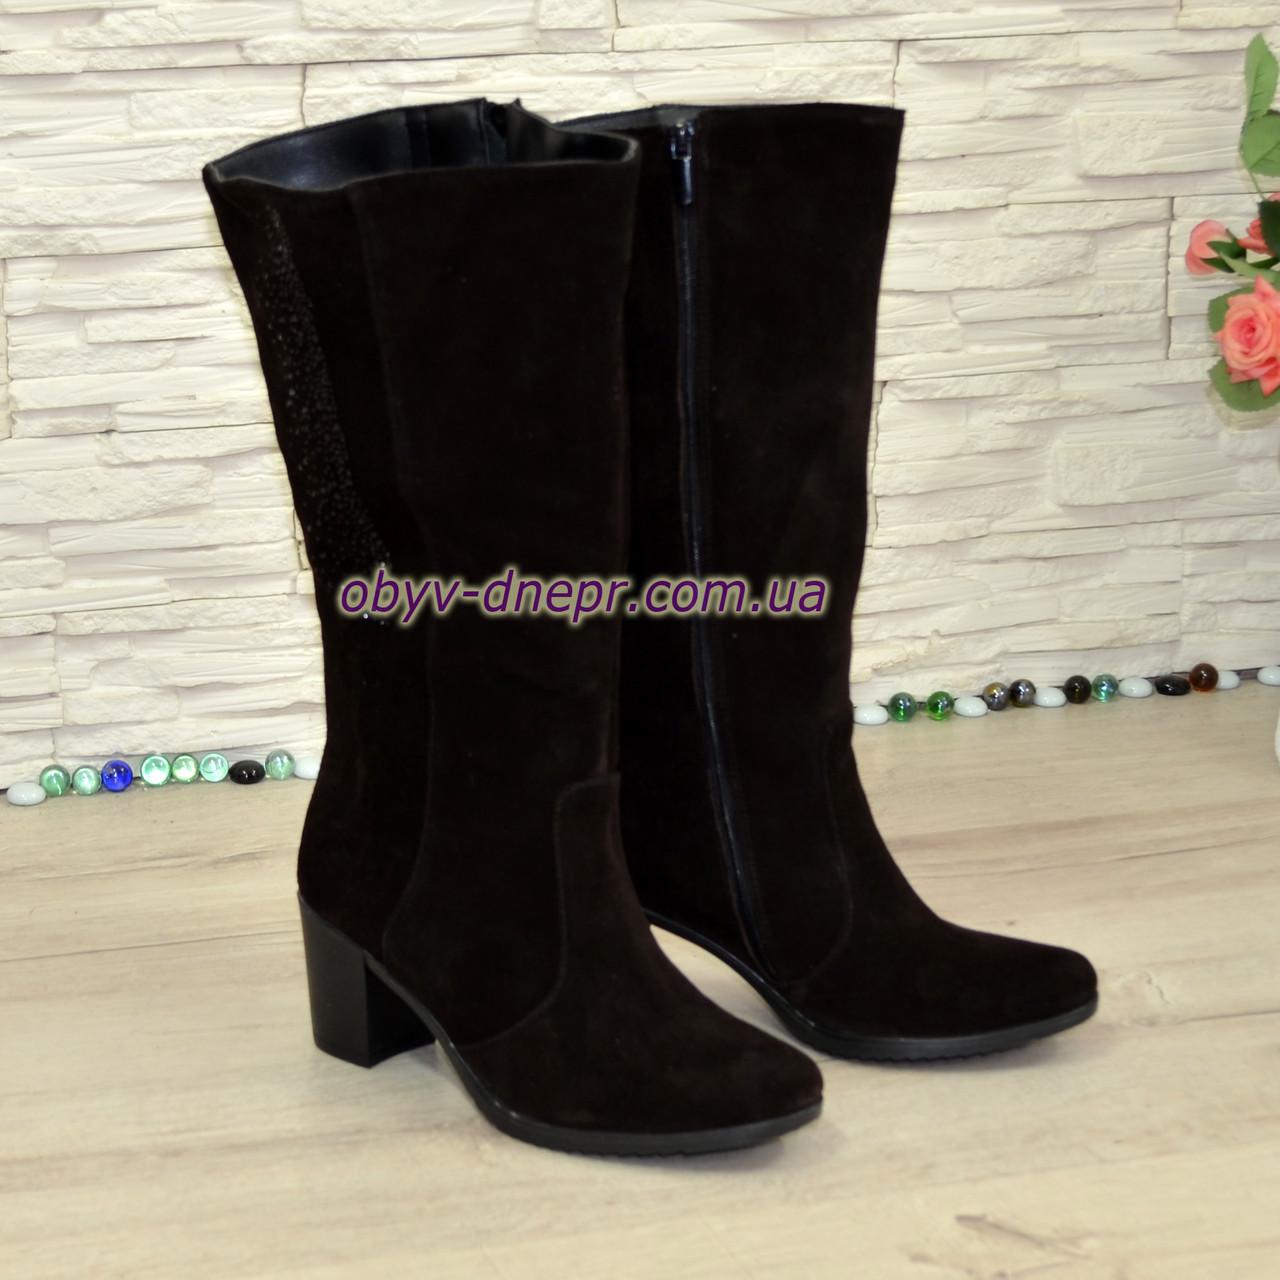 998de2ec4 Сапоги женские зимние замшевые на устойчивом каблуке, цвет коричневый